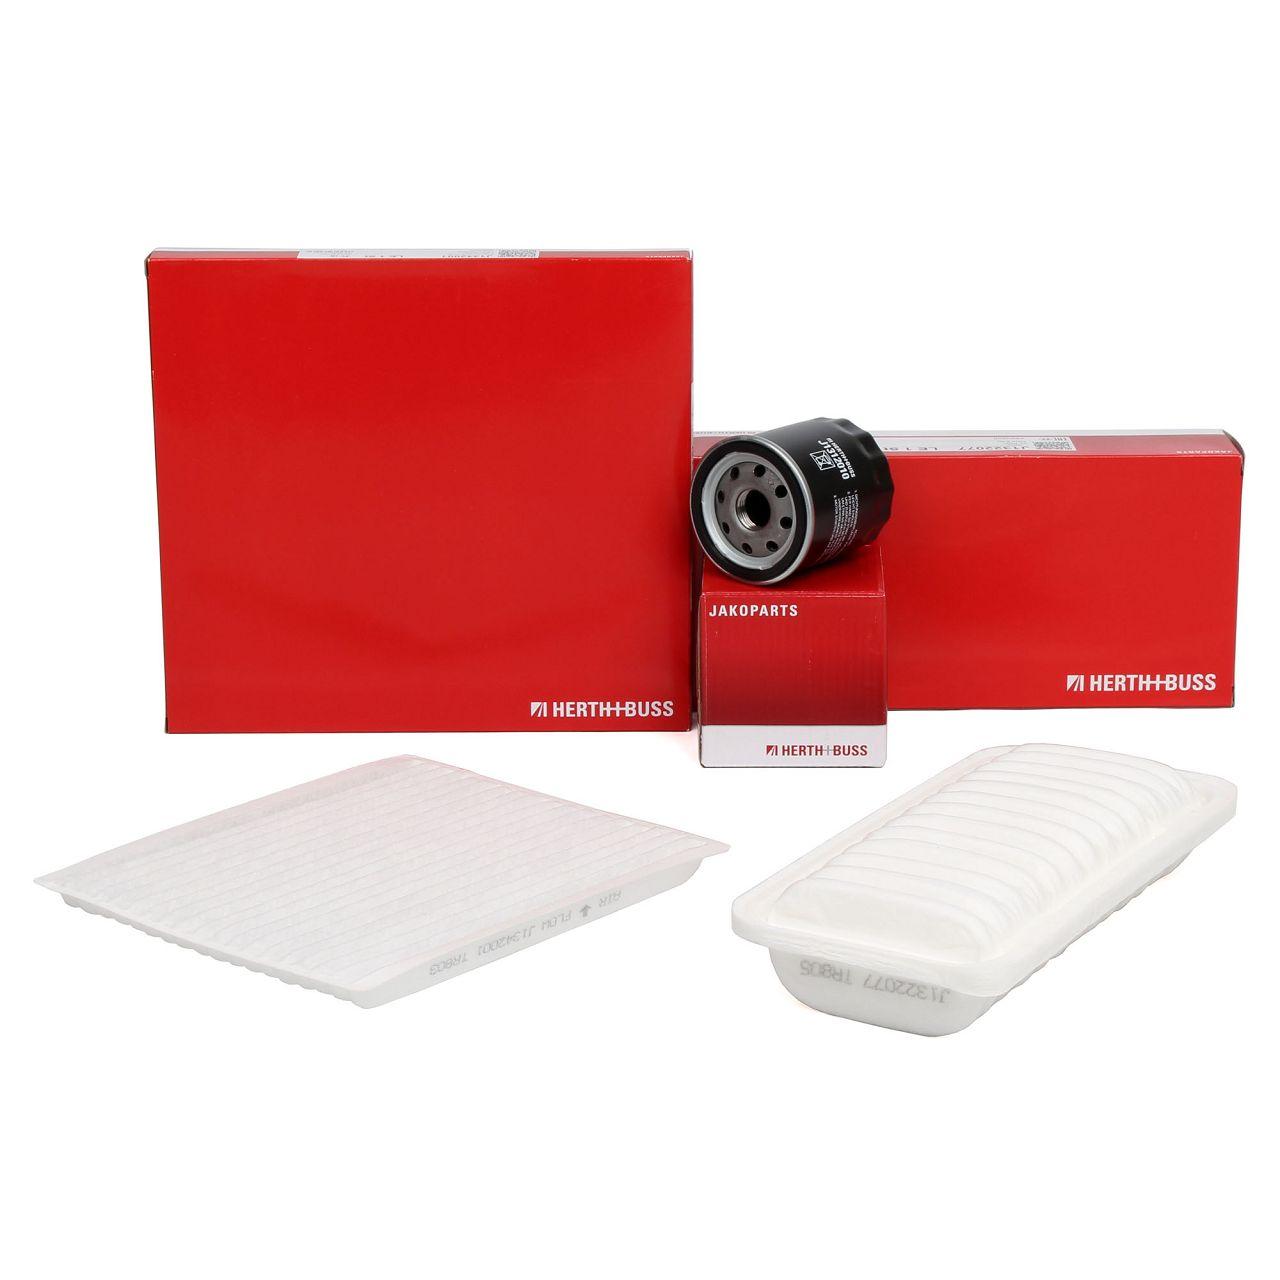 HERTH+BUSS JAKOPARTS Filterset für TOYOTA YARIS / YARIS VERSO 1.3 1.5 84-106 PS